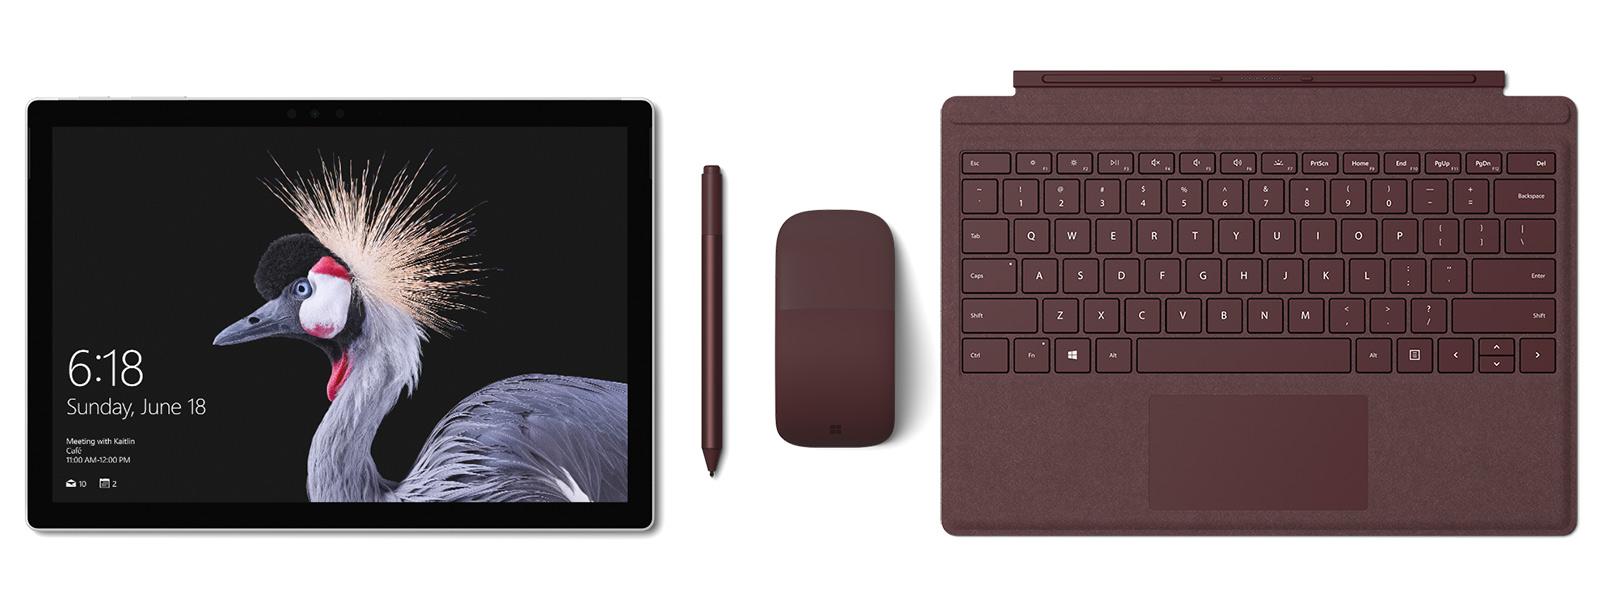 バーガンディの Surface Pro Signature タイプ カバー、 Surface ペンと Surface Arc Mouse を備えた Surface Pro の画像。Surface ペン附属